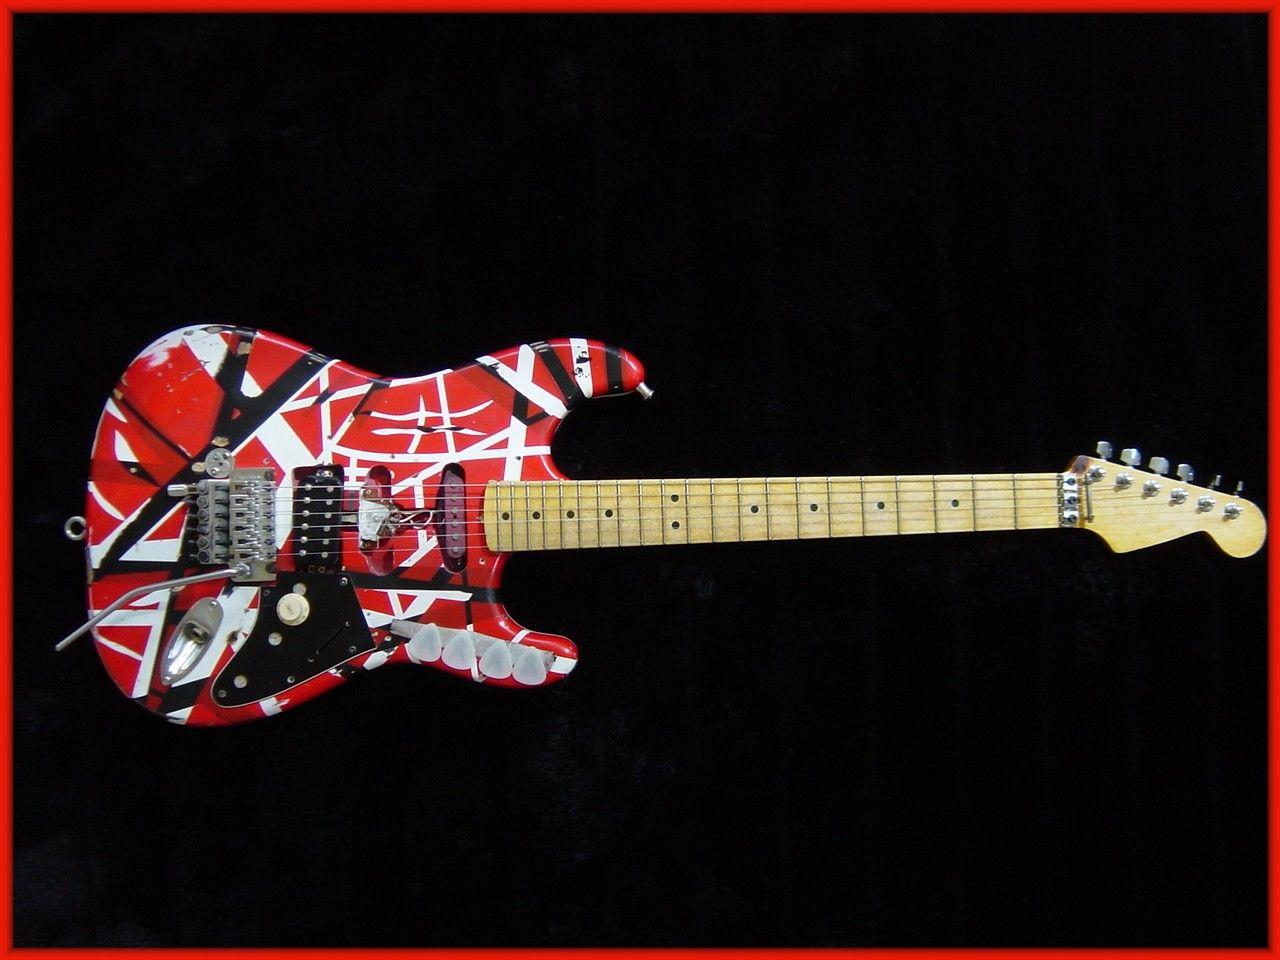 The Van Halen Frankenstrat Van Halen Eddie Van Halen Halen